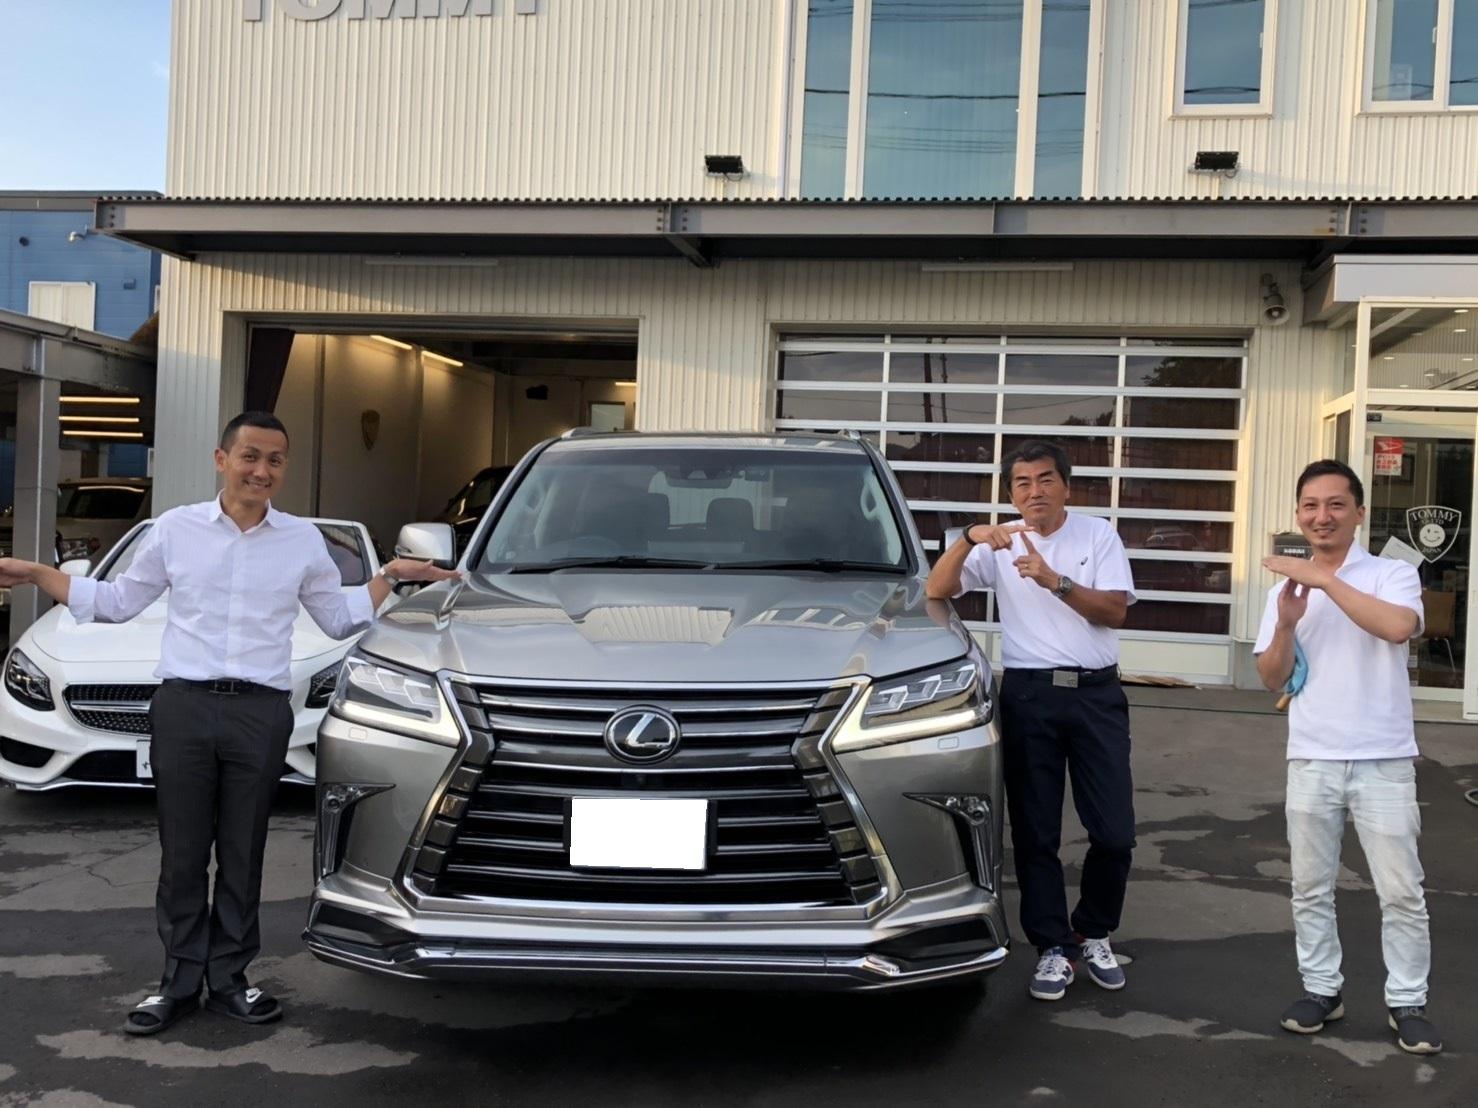 6月2日(日)♛クラウンK様&LX450DI様納車♛ランクル レクサス ベンツ⊛TOMMY⊛_b0127002_18203489.jpg